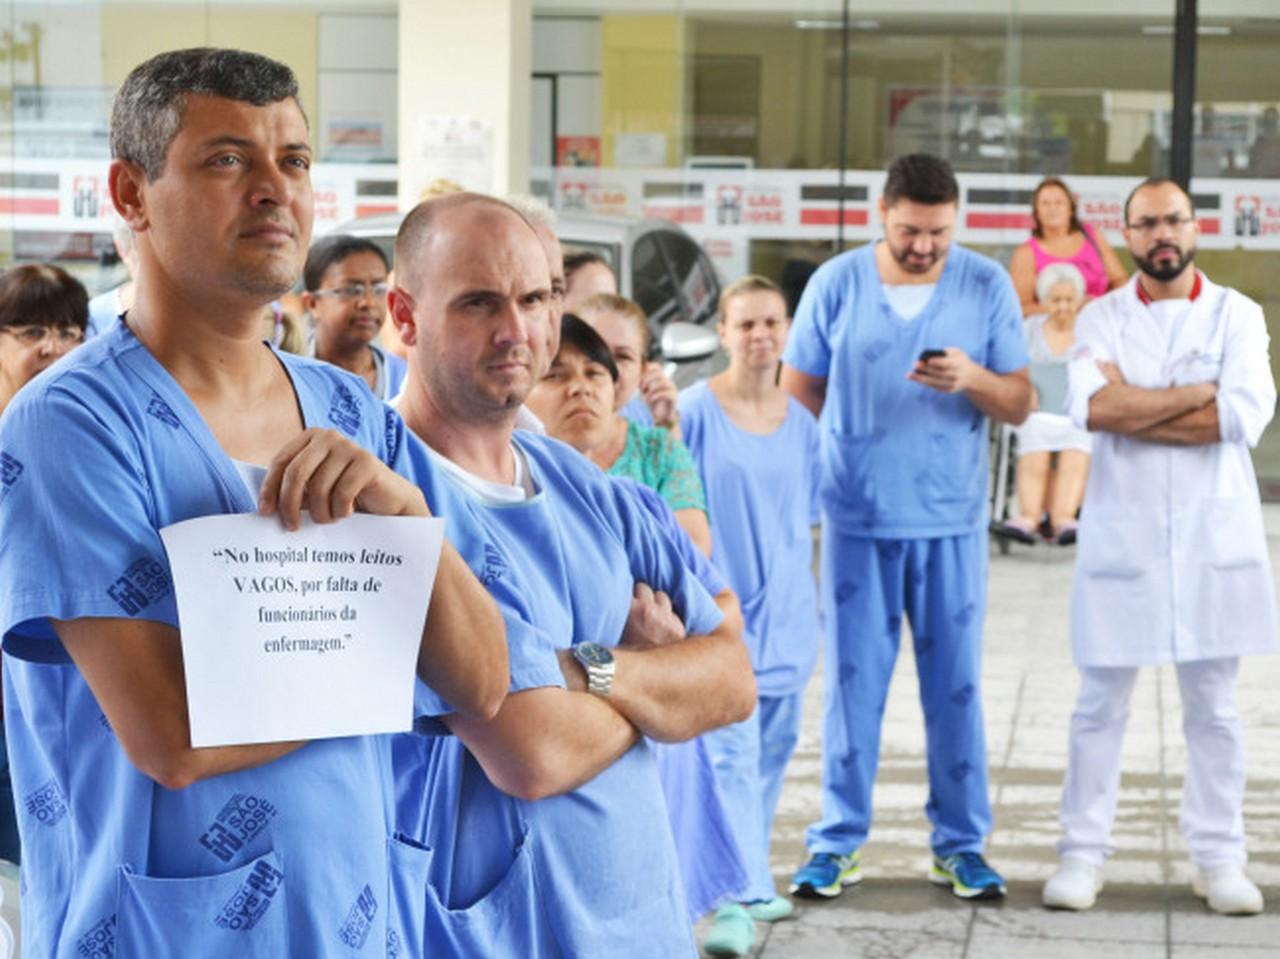 Durante ato servidores denunciaram que existem leitos vagos no hospital devido a falta de funcionários para auxiliar no atendimento I Foto: Aline Seitenfus